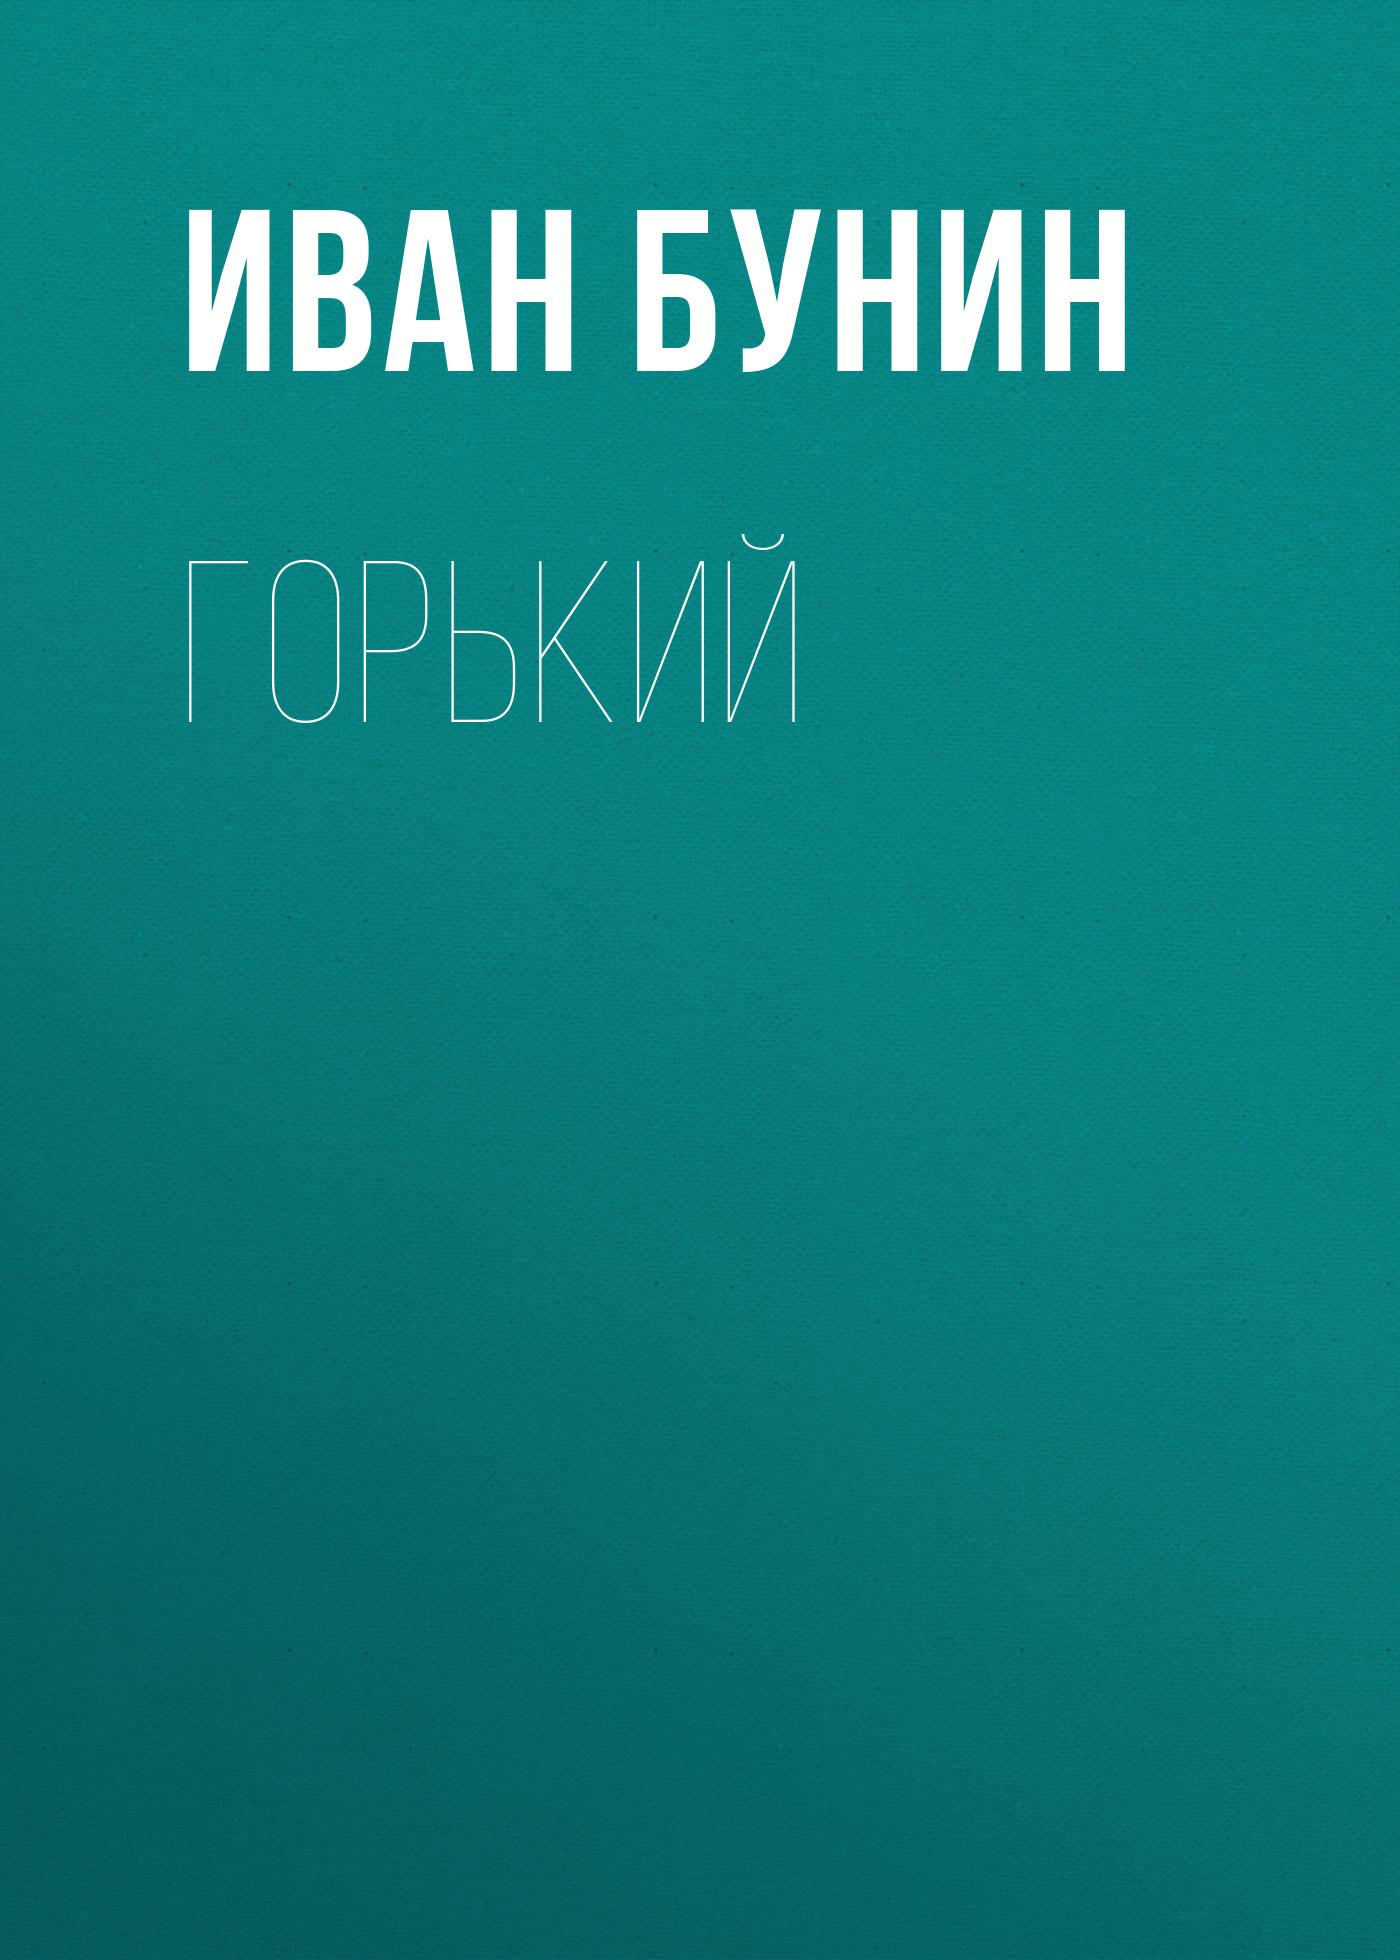 цена на Иван Бунин Горький